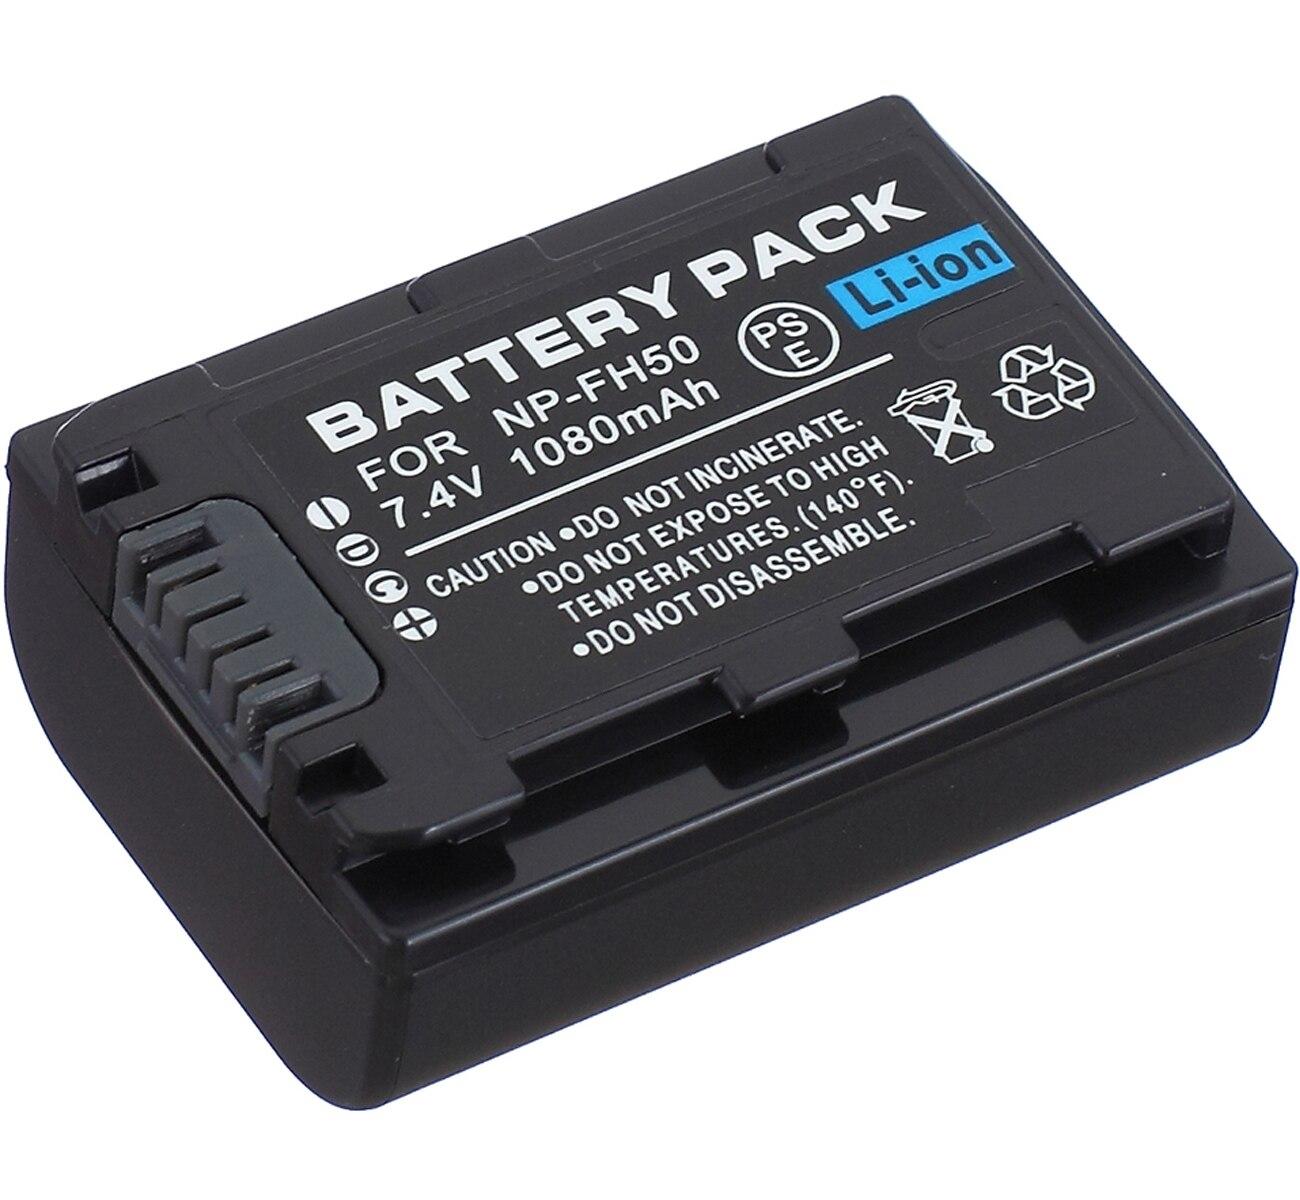 Paquete de baterías para Sony DCR-DVD708E, DCR-DVD710E, DCR-DVD808E, DCR-DVD810E, DCR-DVD908E, DCR-DVD910E